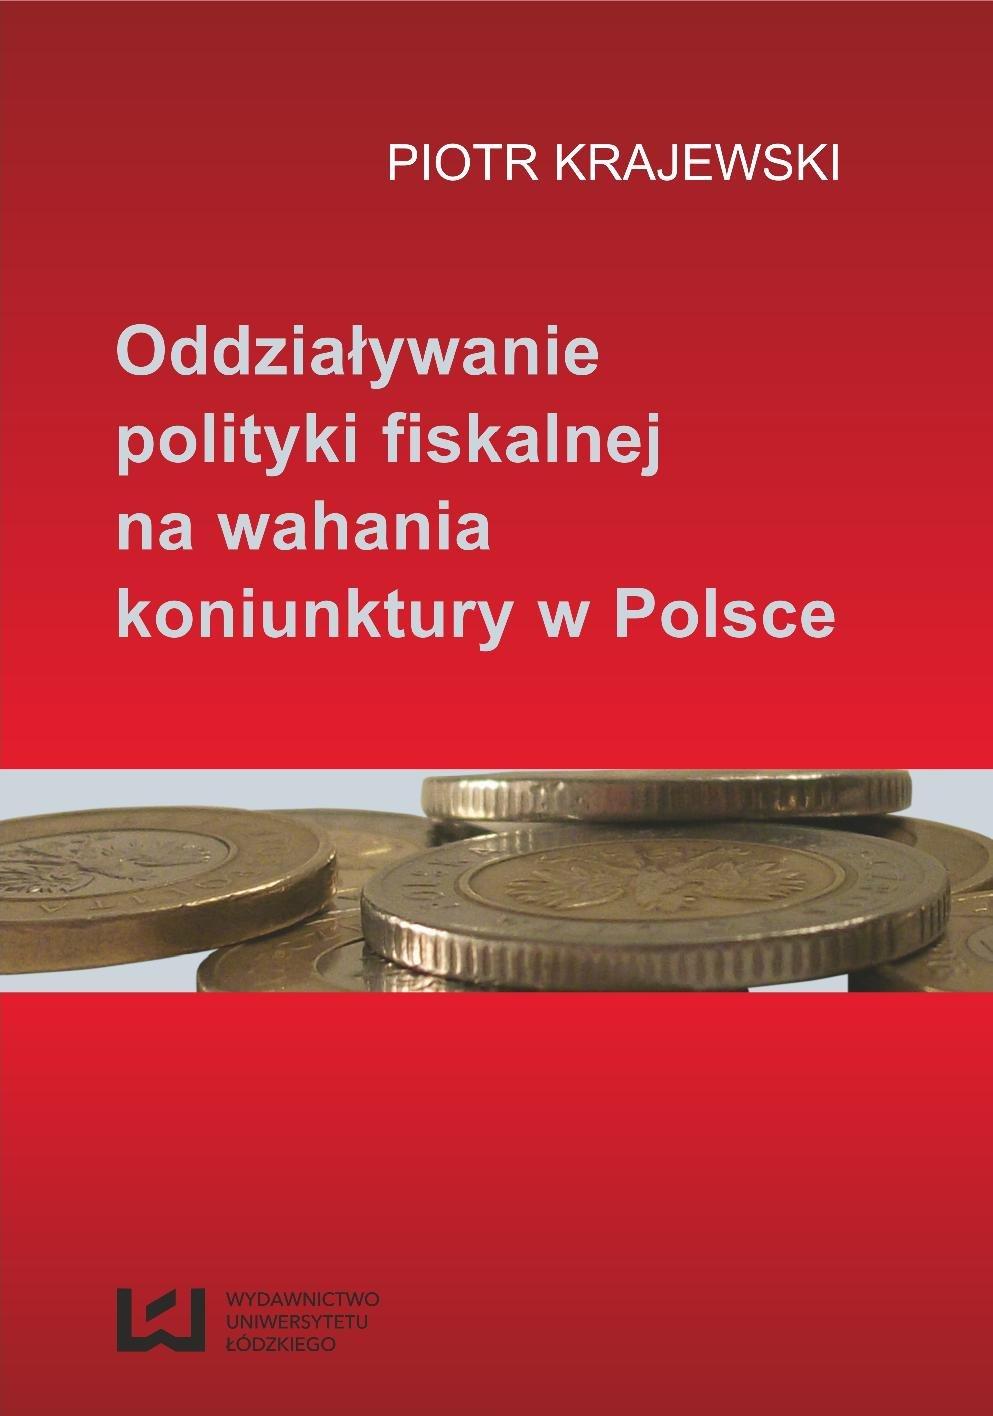 Oddziaływanie polityki fiskalnej na wahania koniunktury w Polsce - Ebook (Książka PDF) do pobrania w formacie PDF